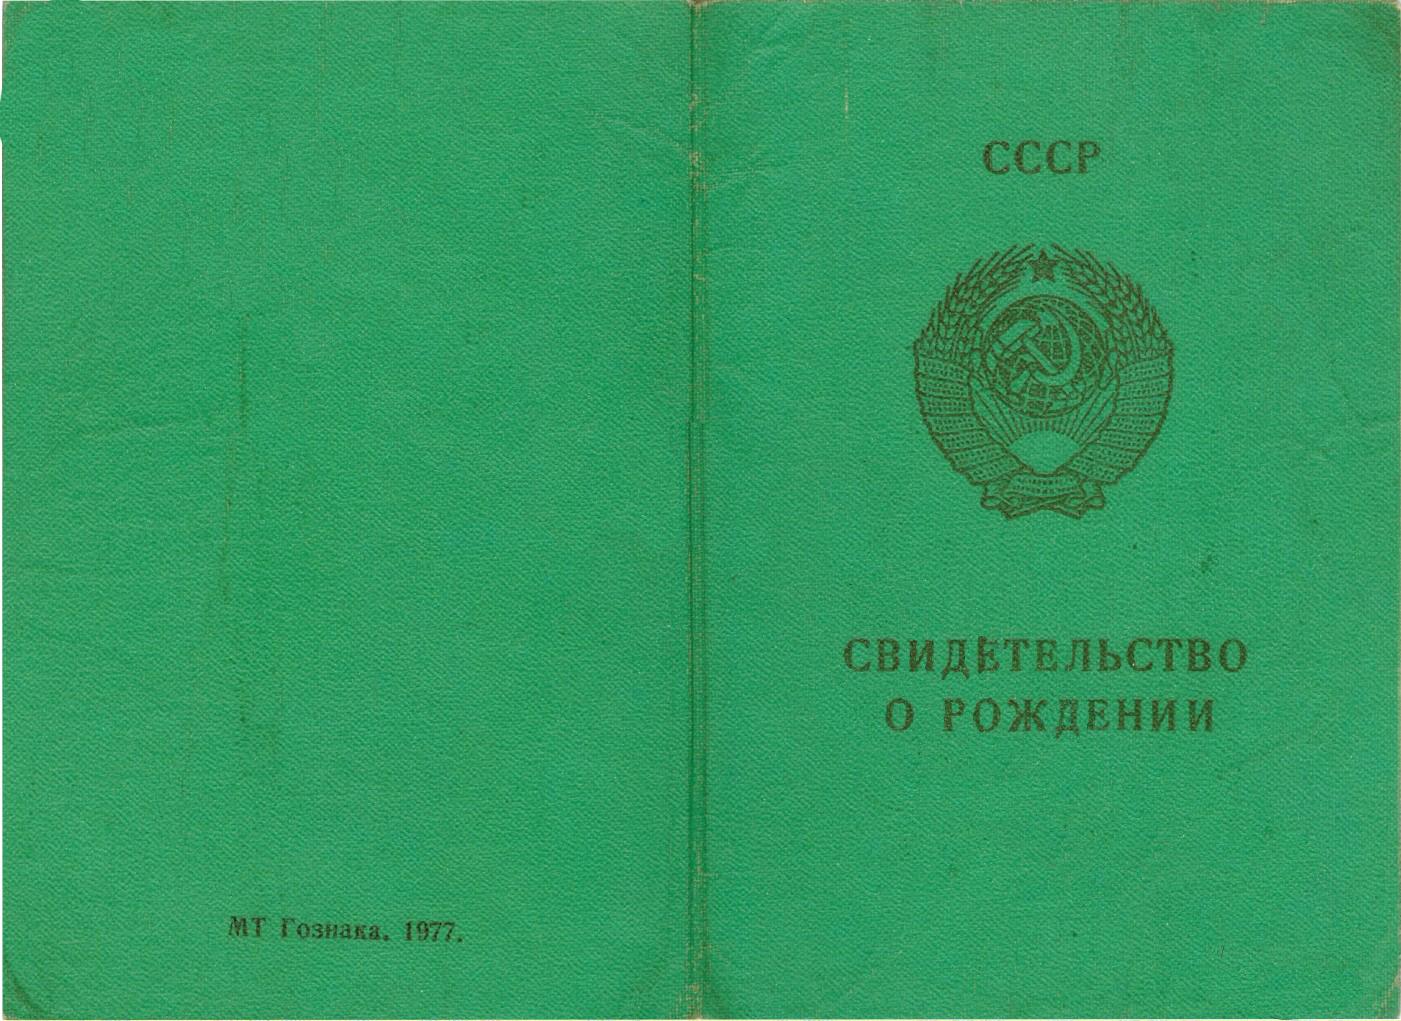 Свидетельство о рождении СССР фото скачать